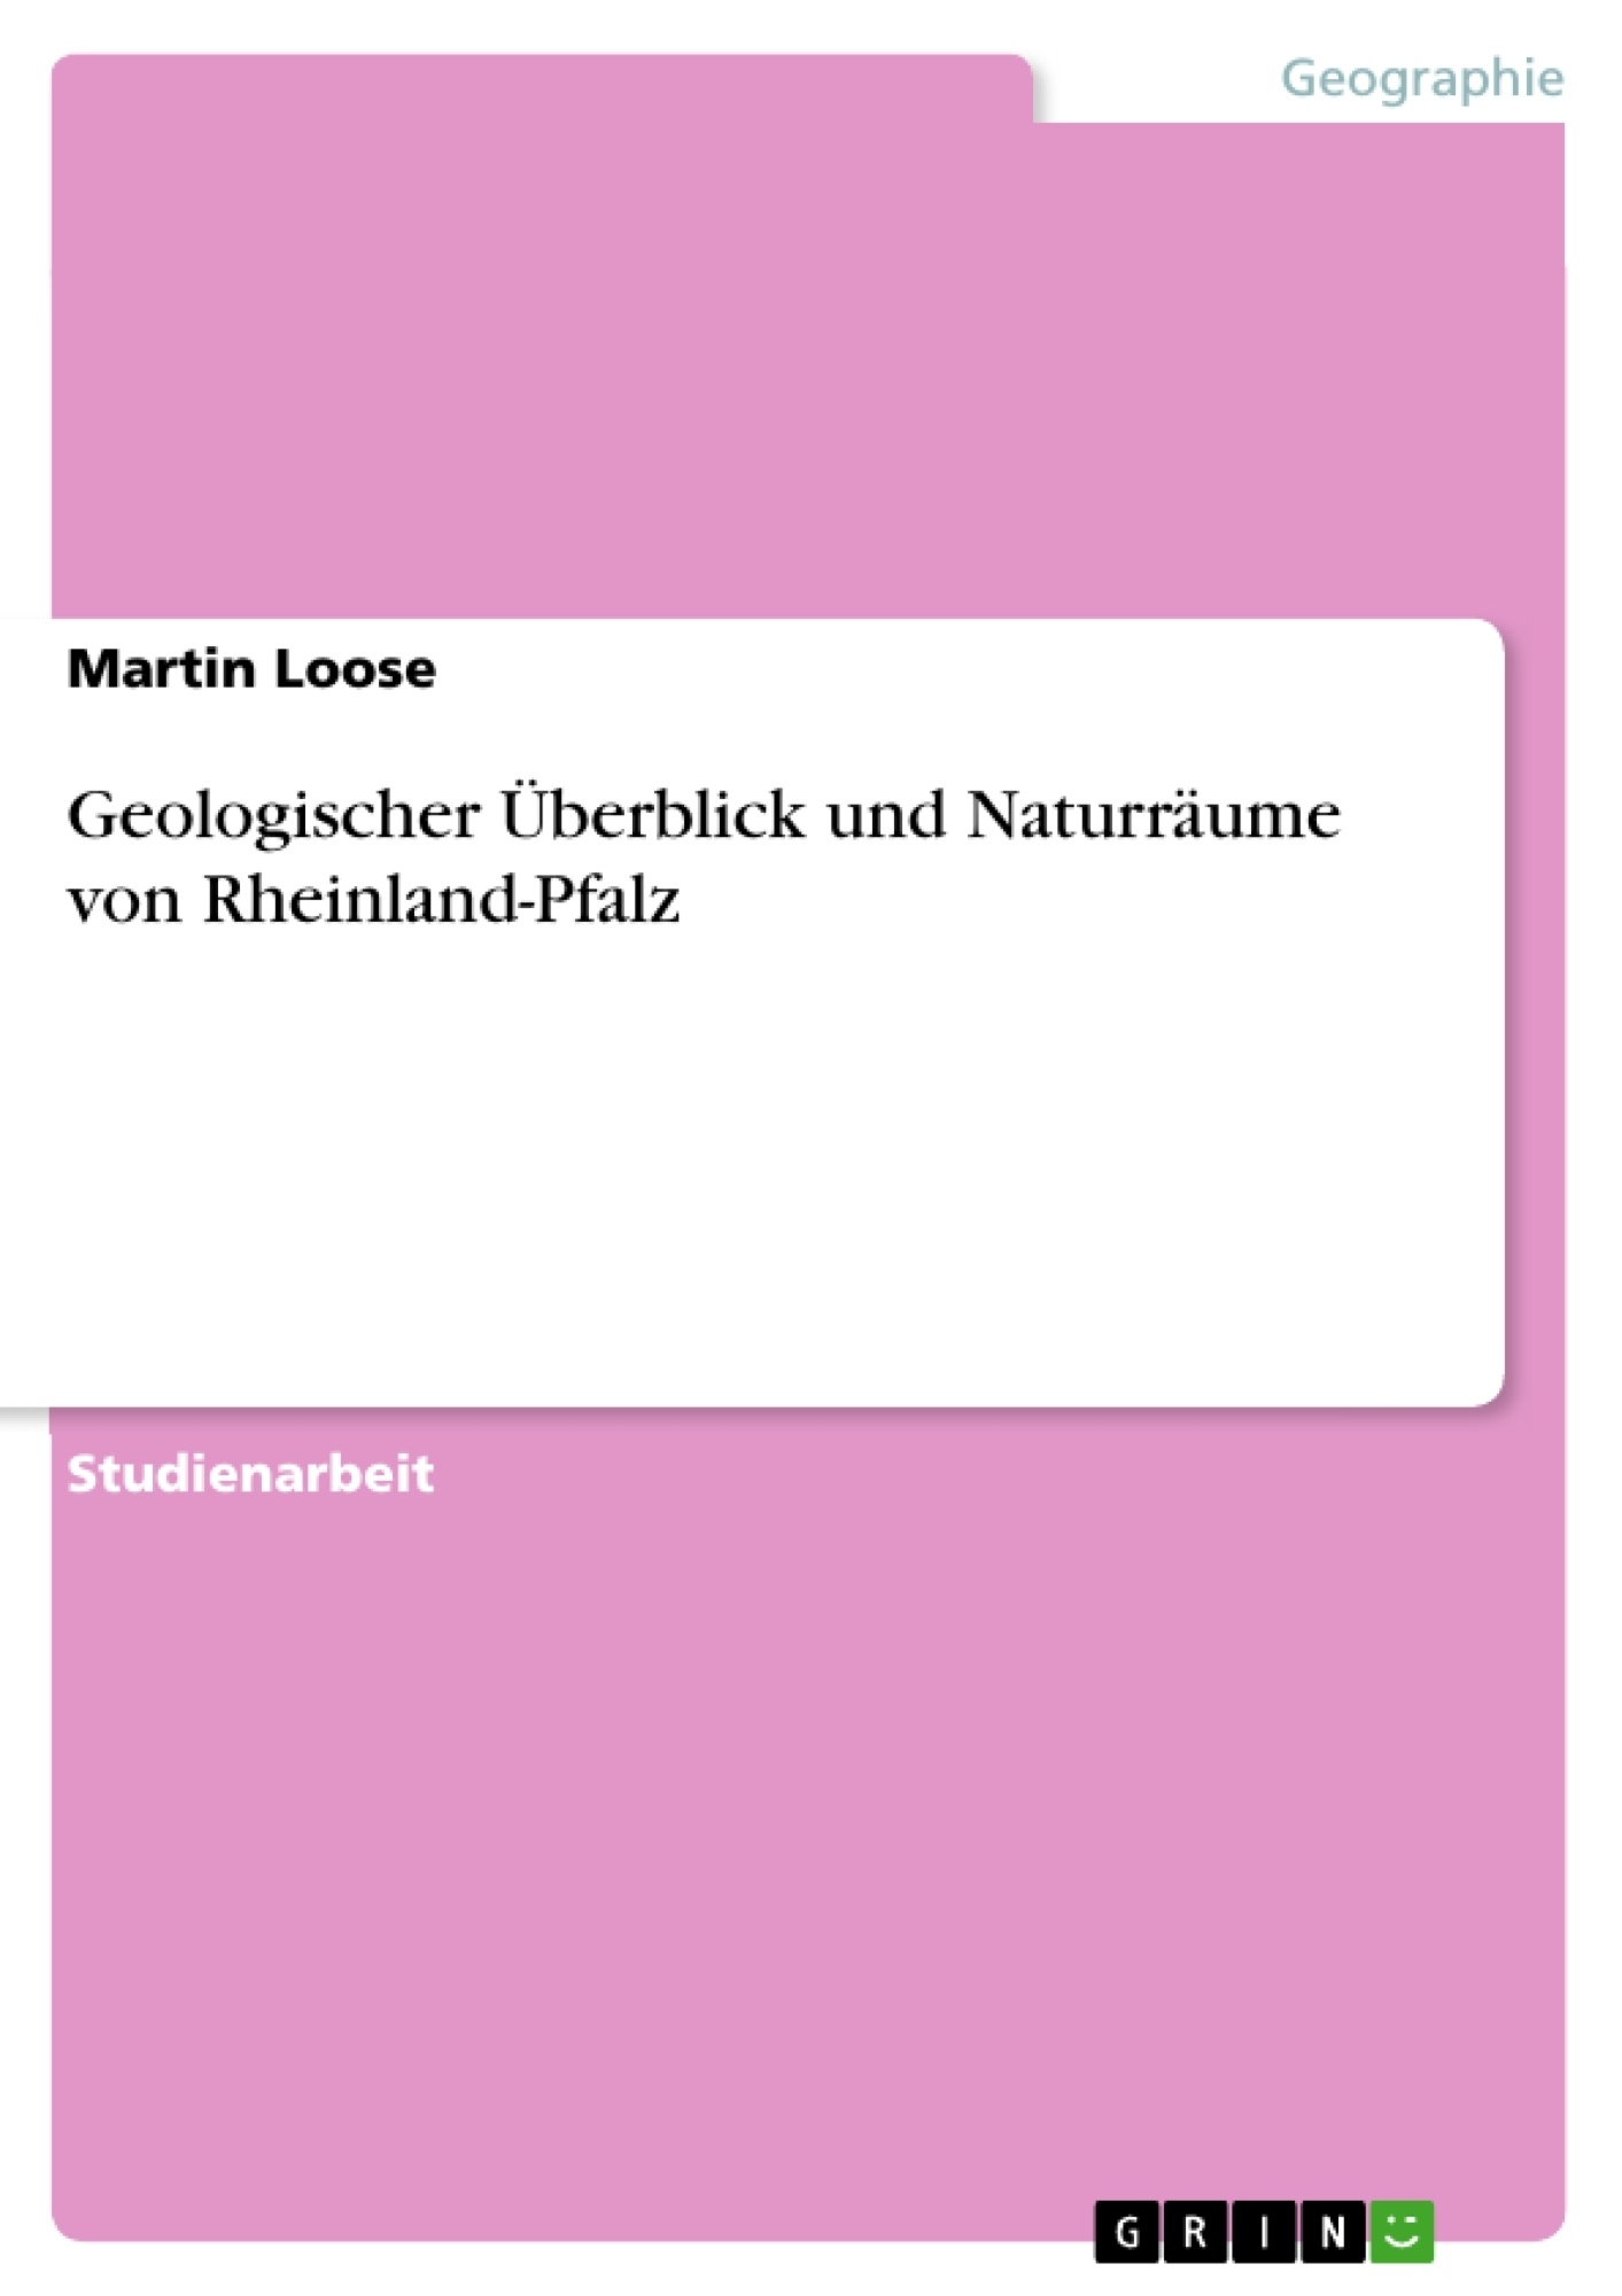 Titel: Geologischer Überblick und Naturräume von Rheinland-Pfalz